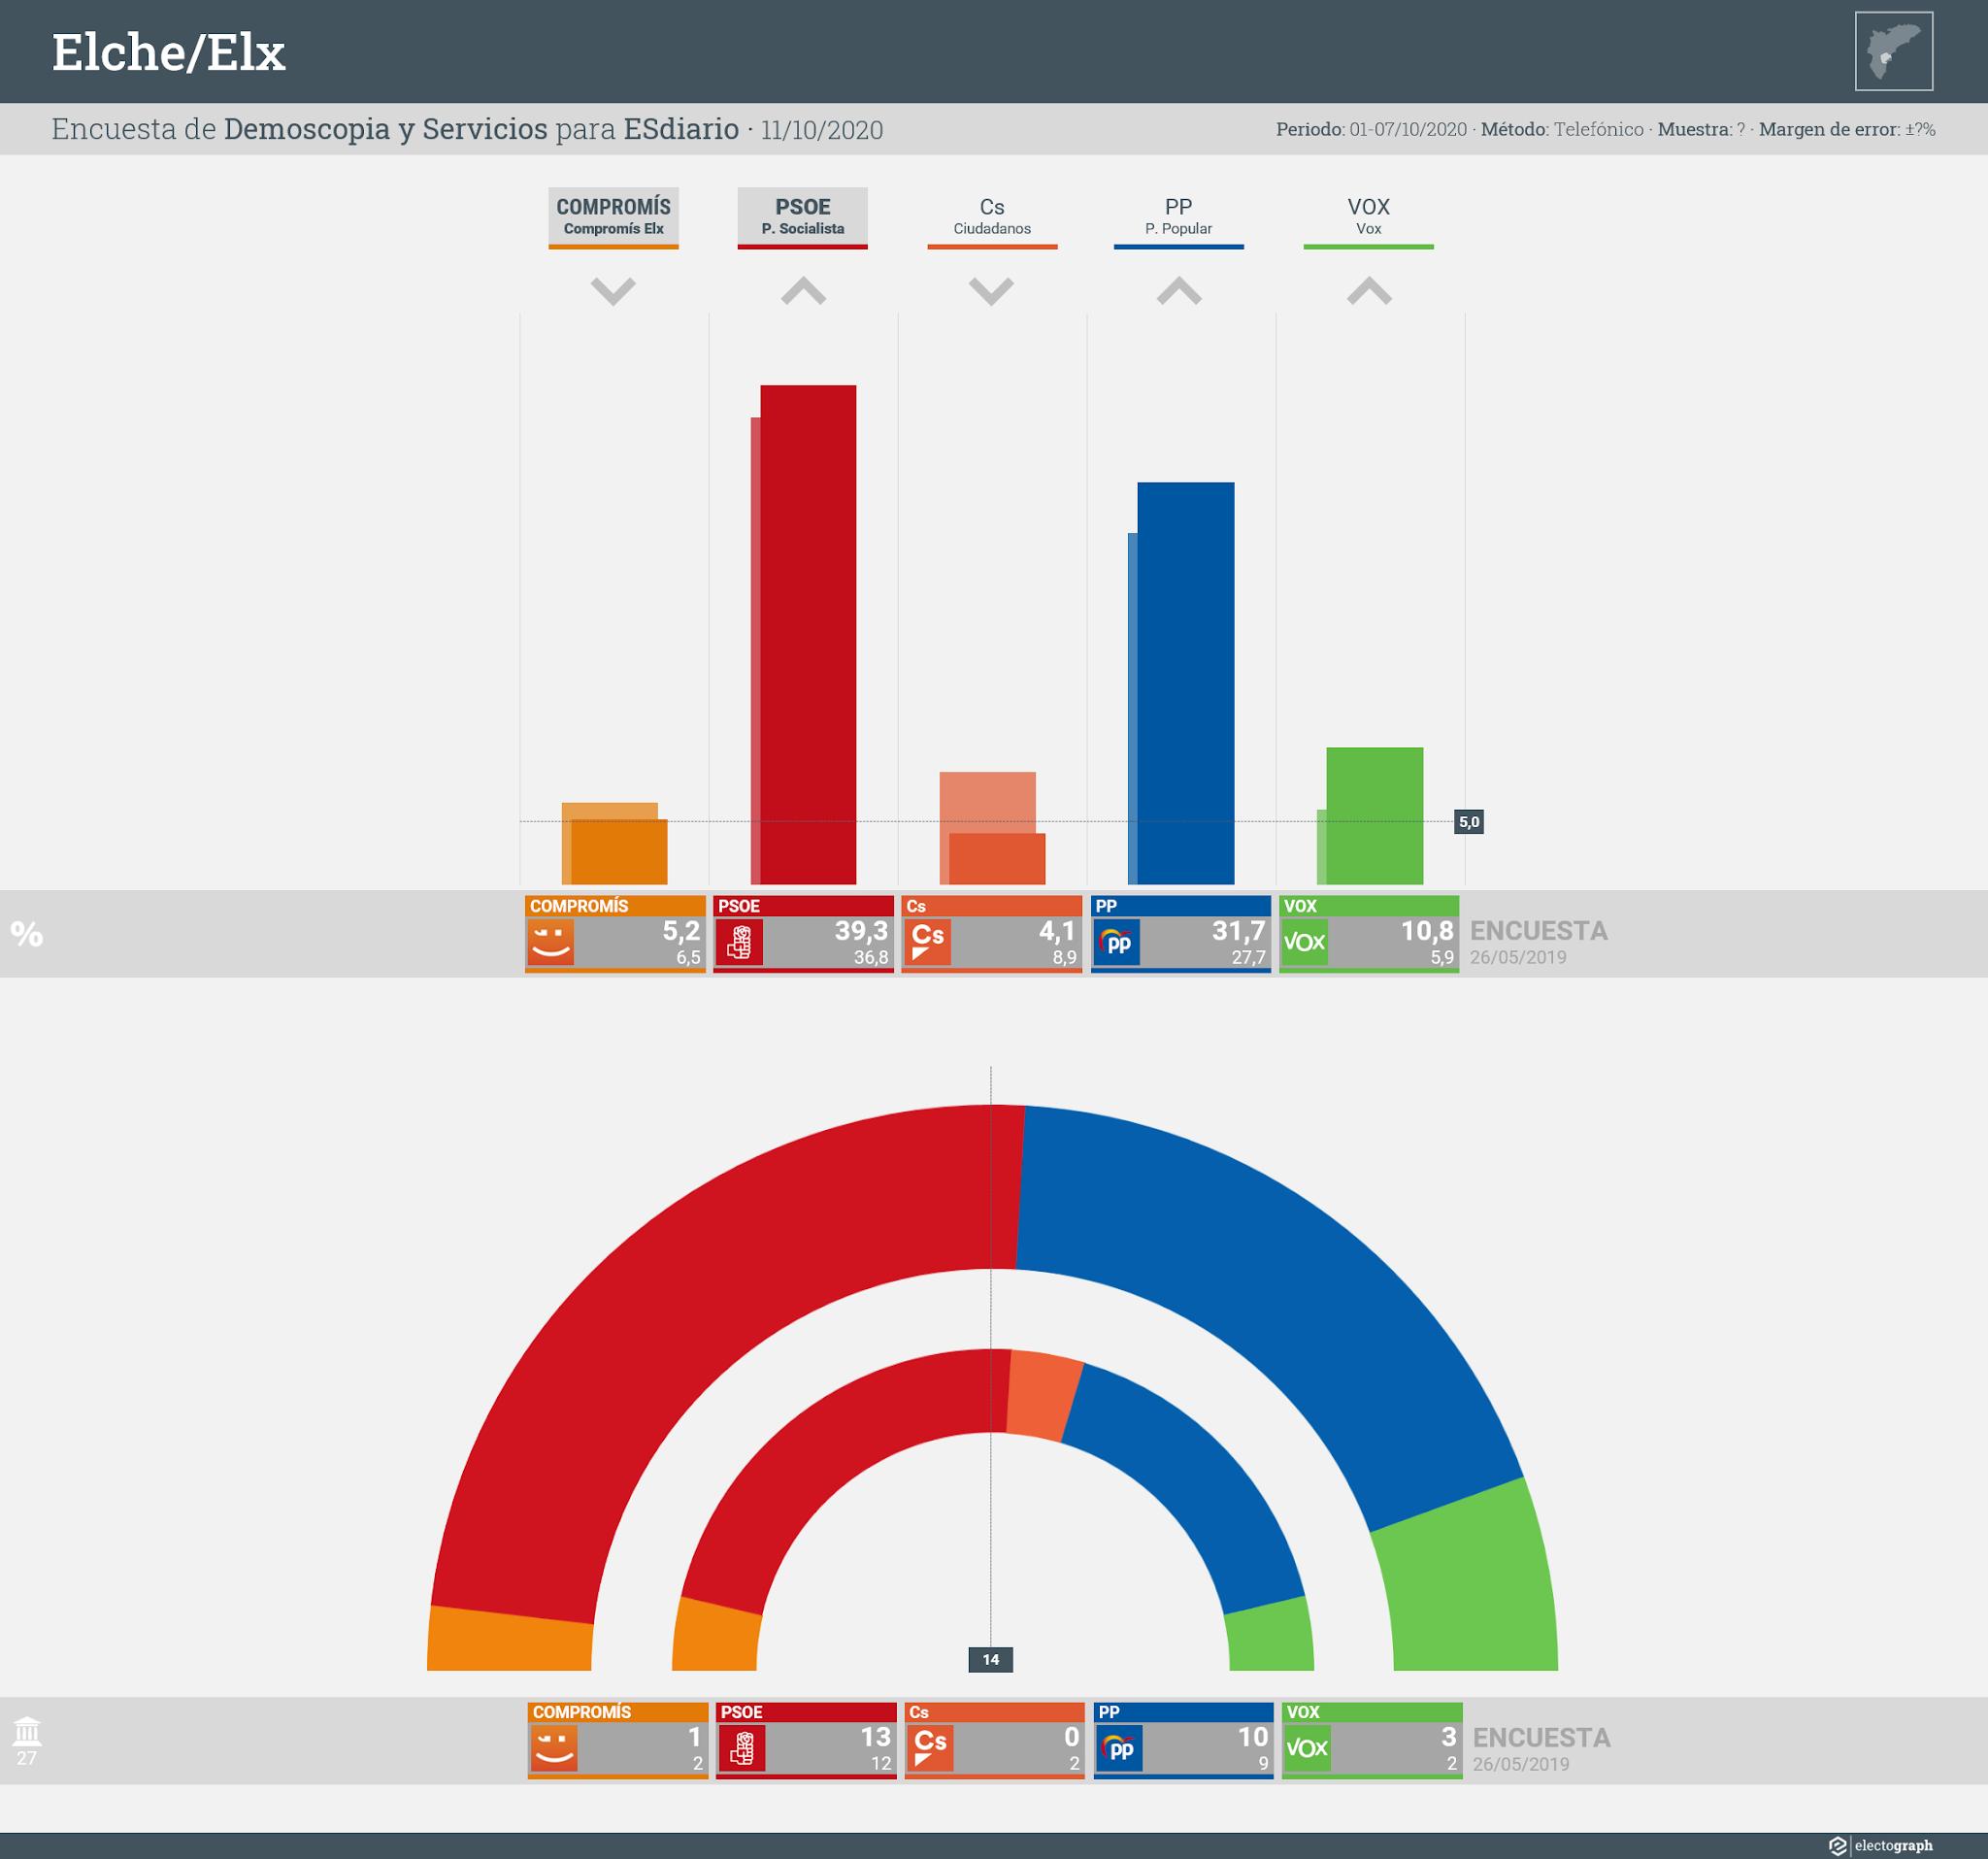 Gráfico de la encuesta para elecciones municipales en Elche/Elx realizada por Demoscopia y Servicios para ESdiario, 11 de octubre de 2020